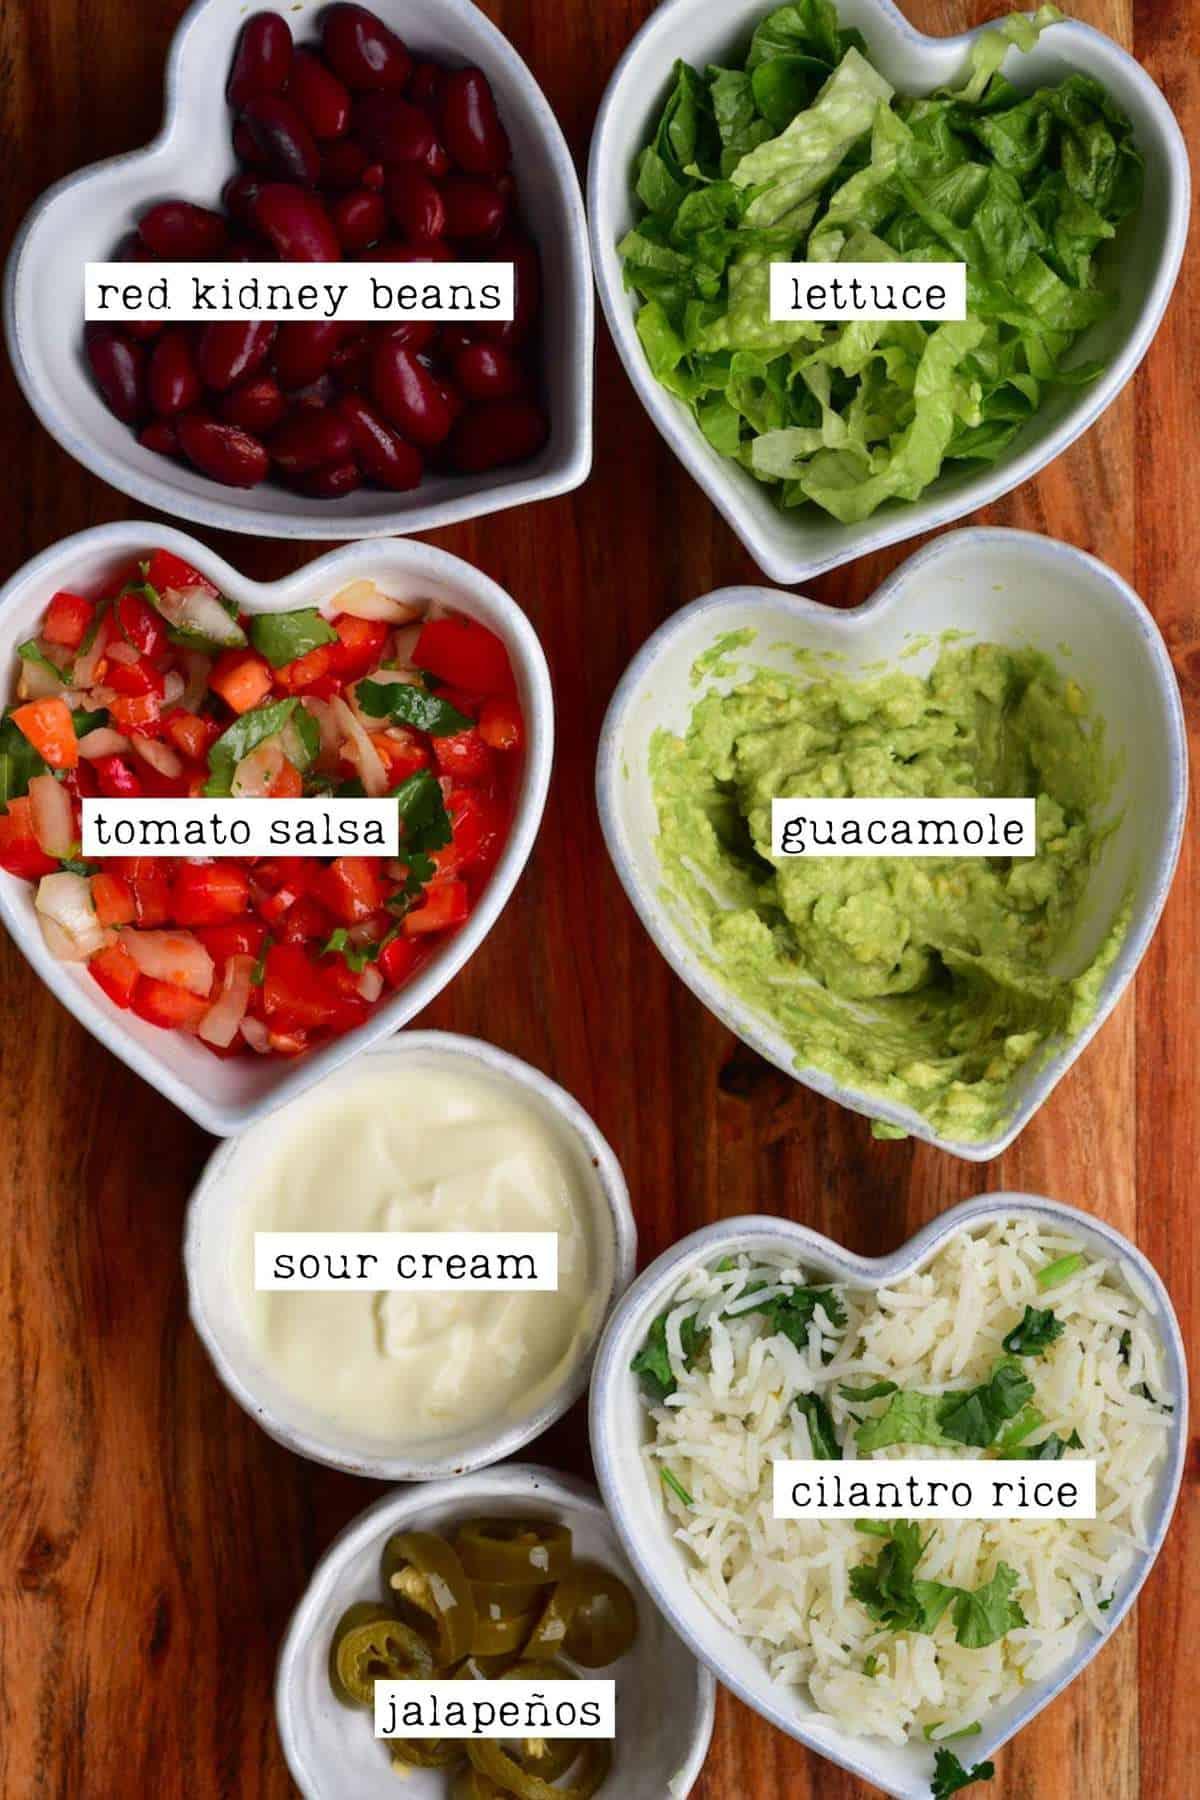 Ingredients for jackfruit burrito